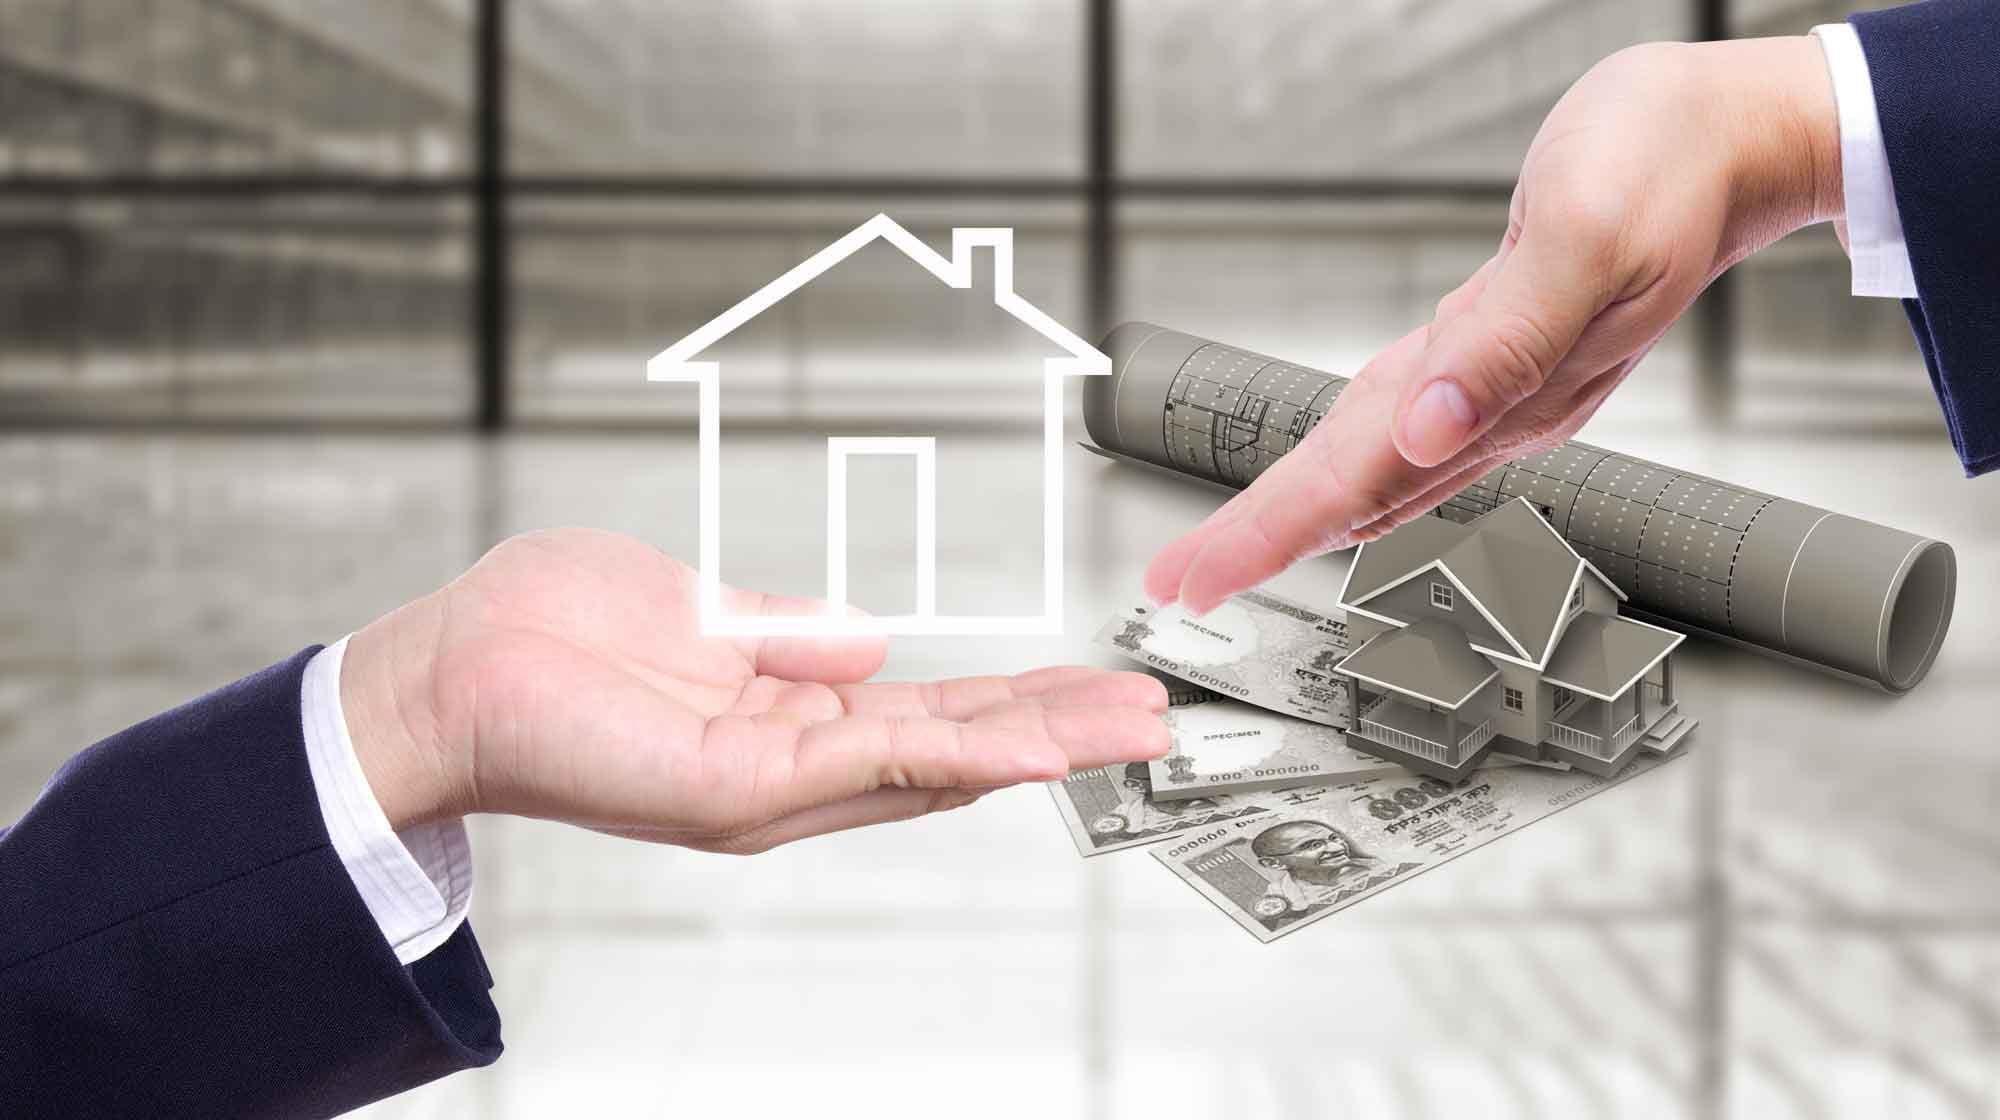 было кредит для первоначального взноса по ипотеке приходилось преодолевать